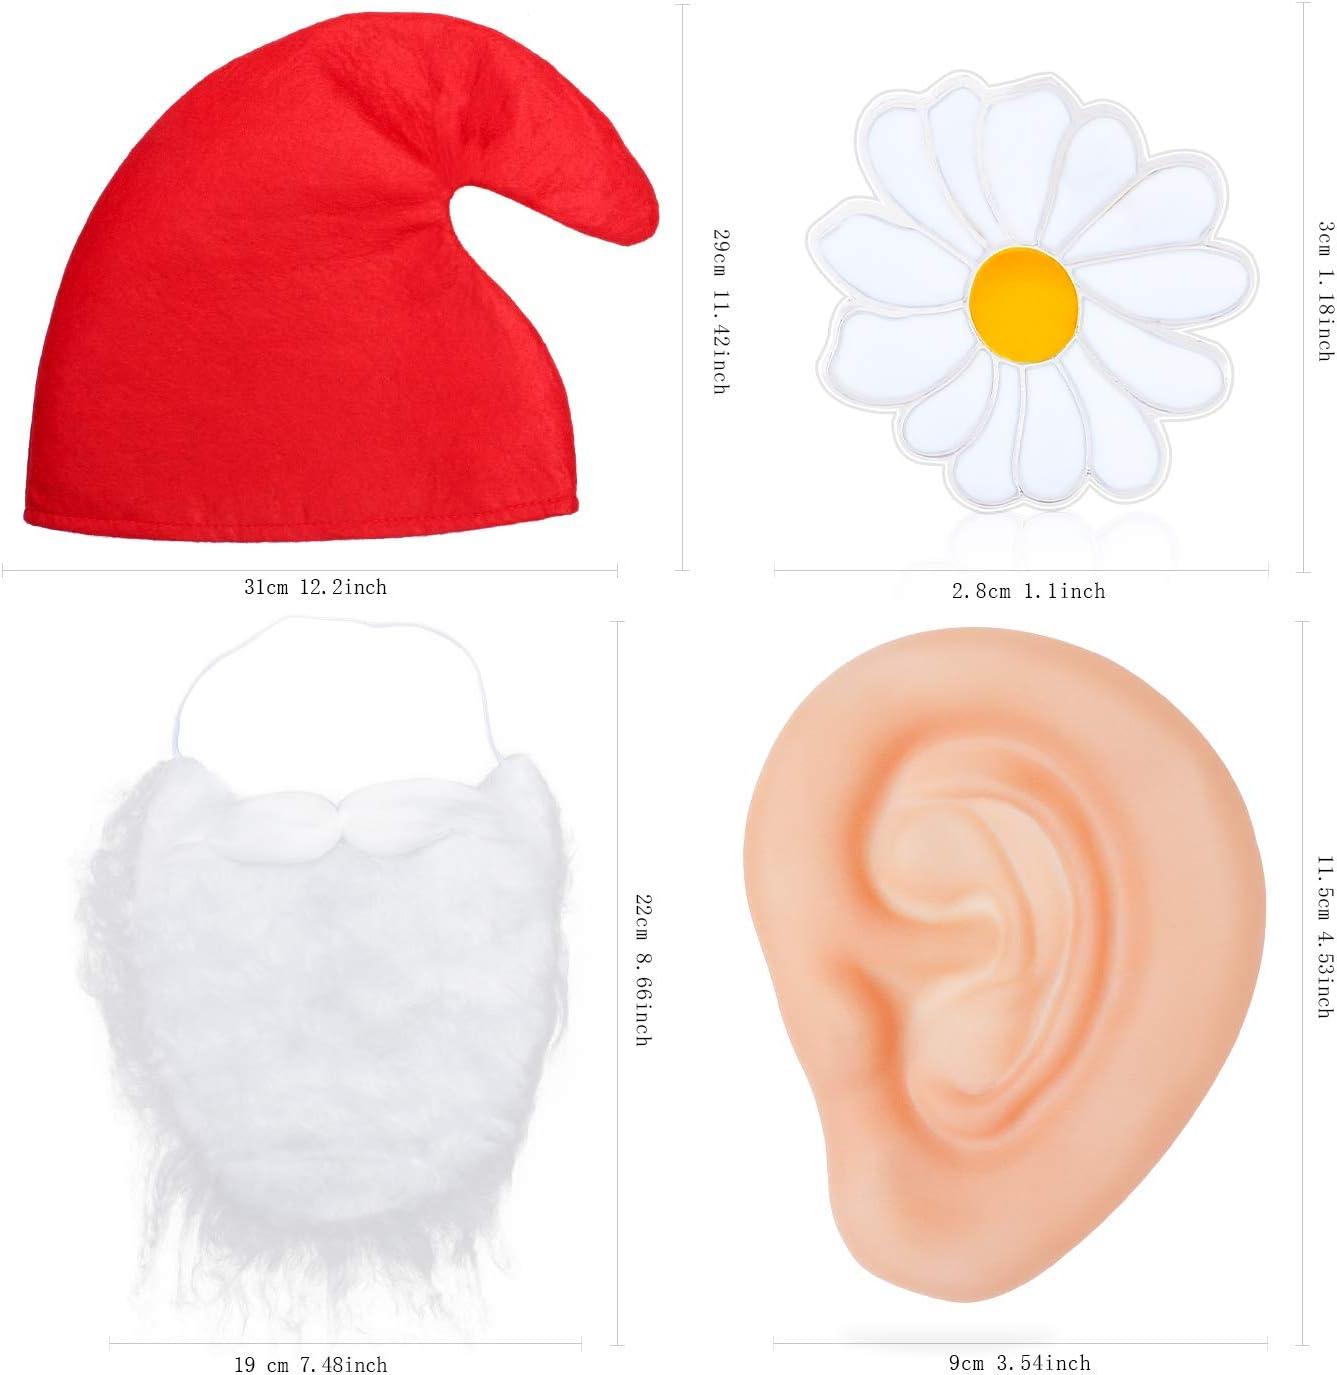 Abito Fantasia Nano Rosso Cappello Barba Grandi Orecchie Spilla Fiore Giallo Primavera Beelittle GNOME Nano da Giardino Accessori per Fairytail